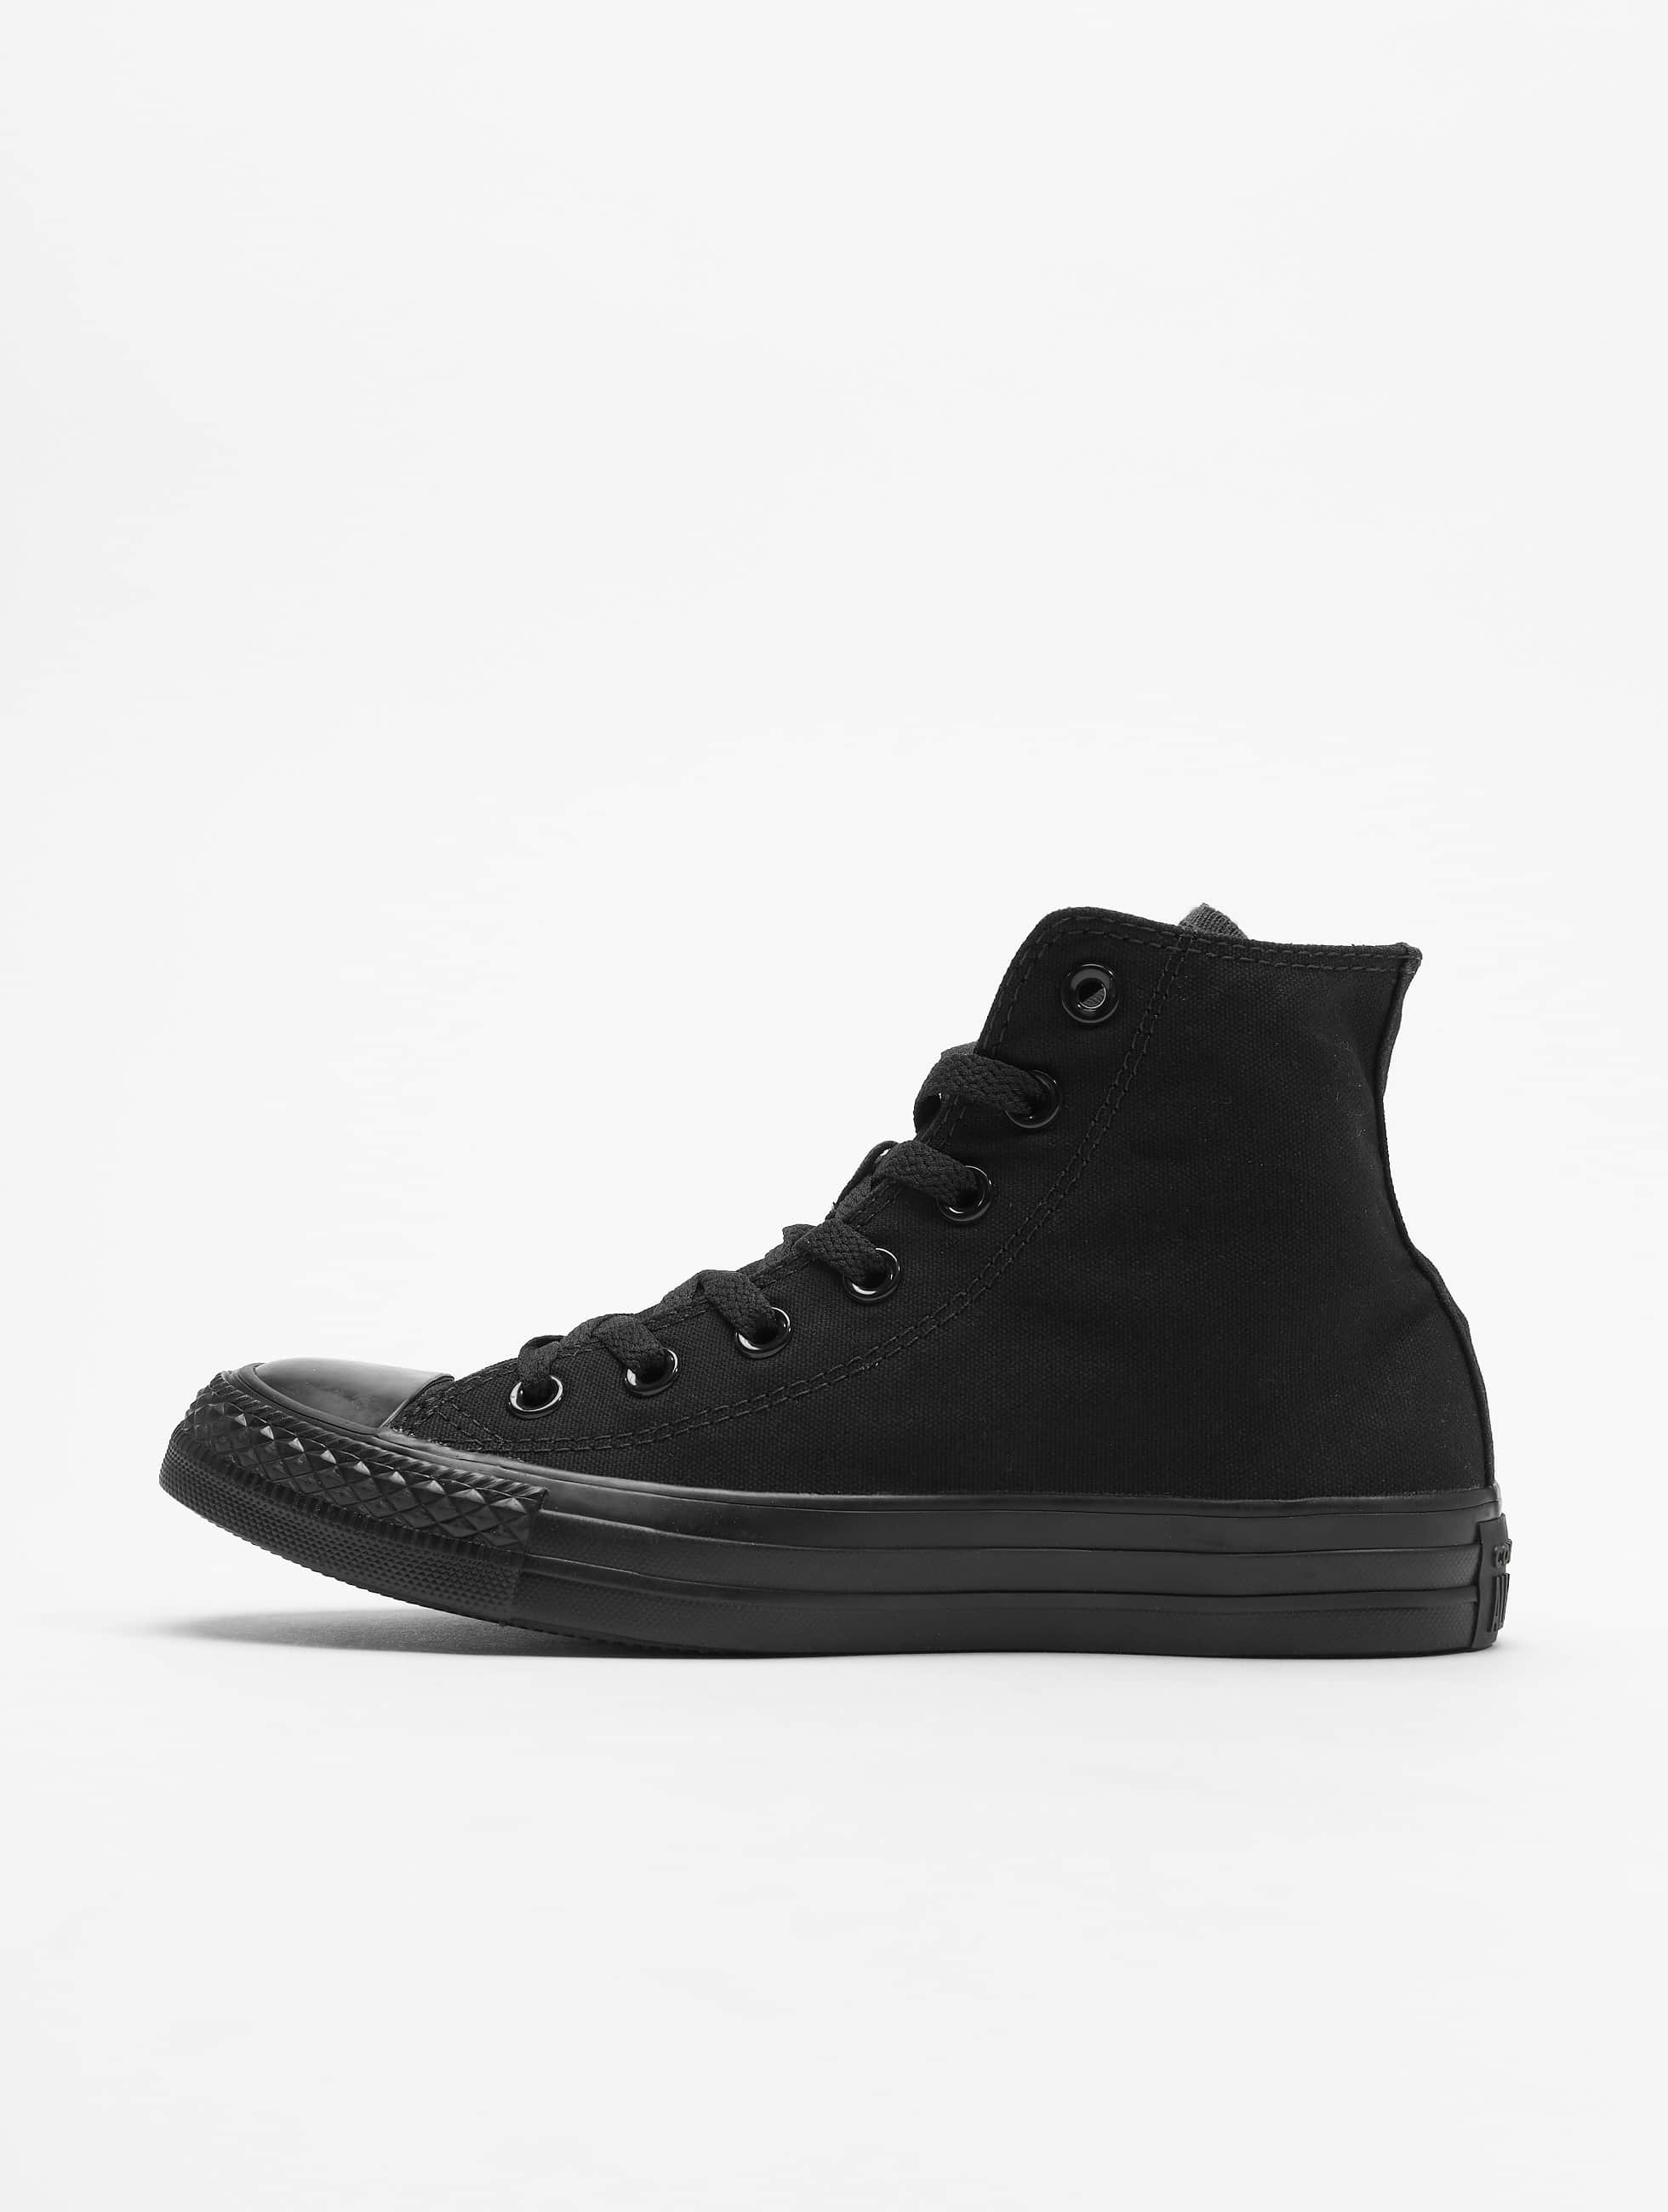 899d6fec97a Converse schoen / sneaker Chuck Taylor All Star High in zwart 156901